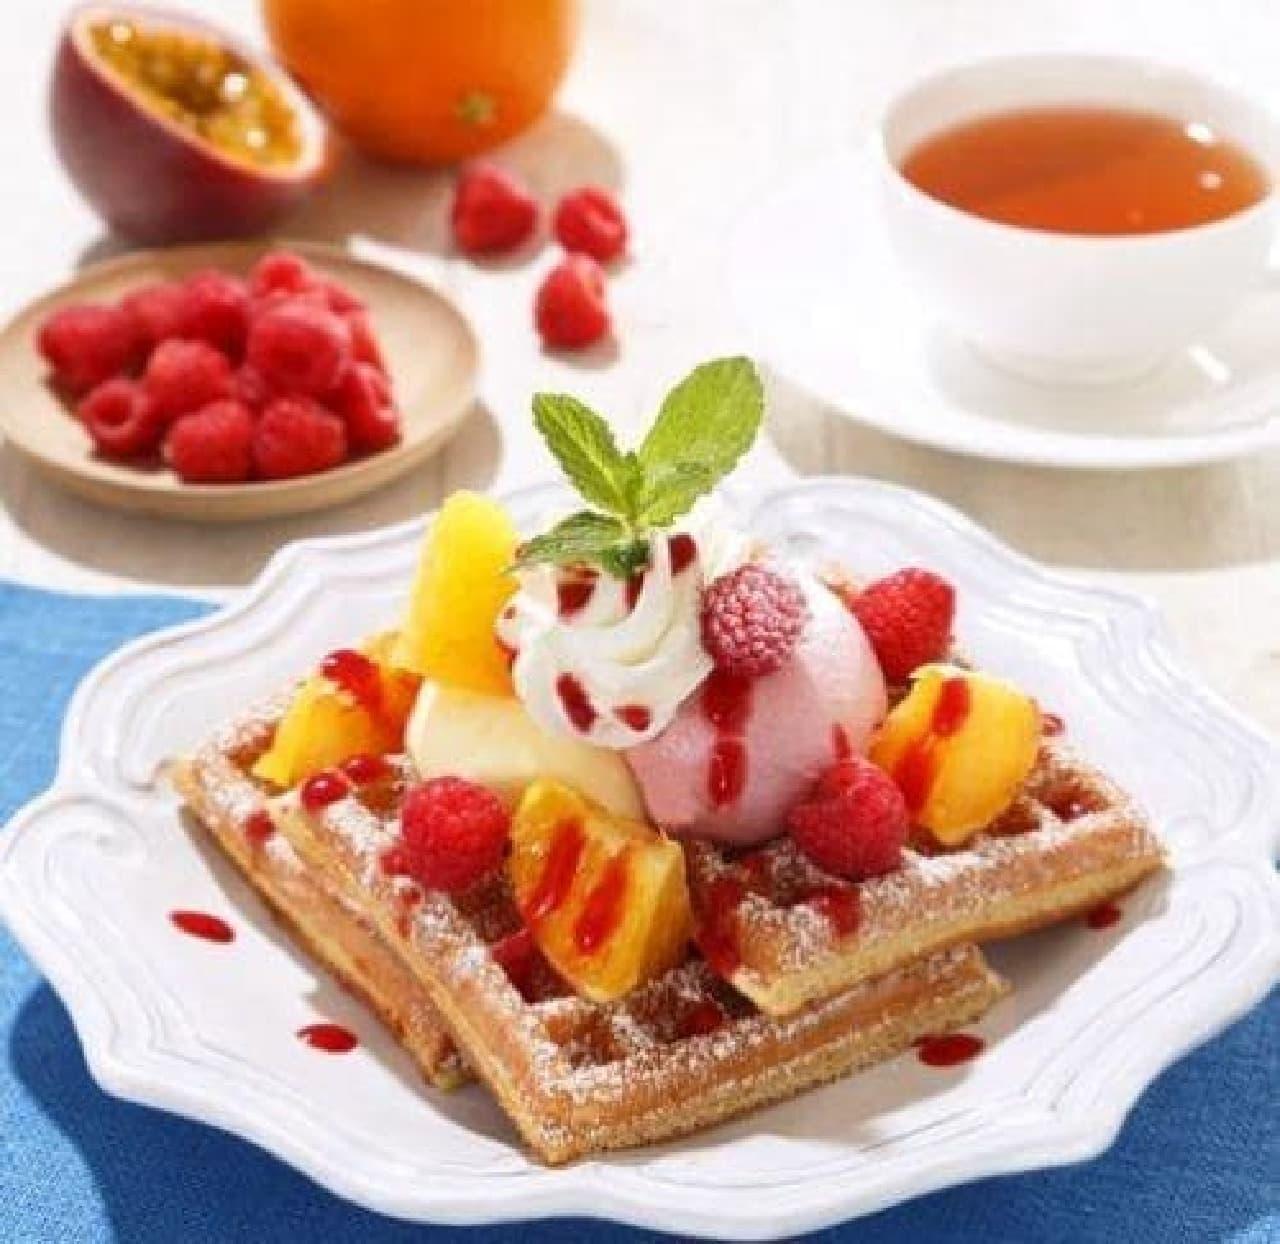 マザーリーフ木苺とパッションフルーツのクリームワッフル